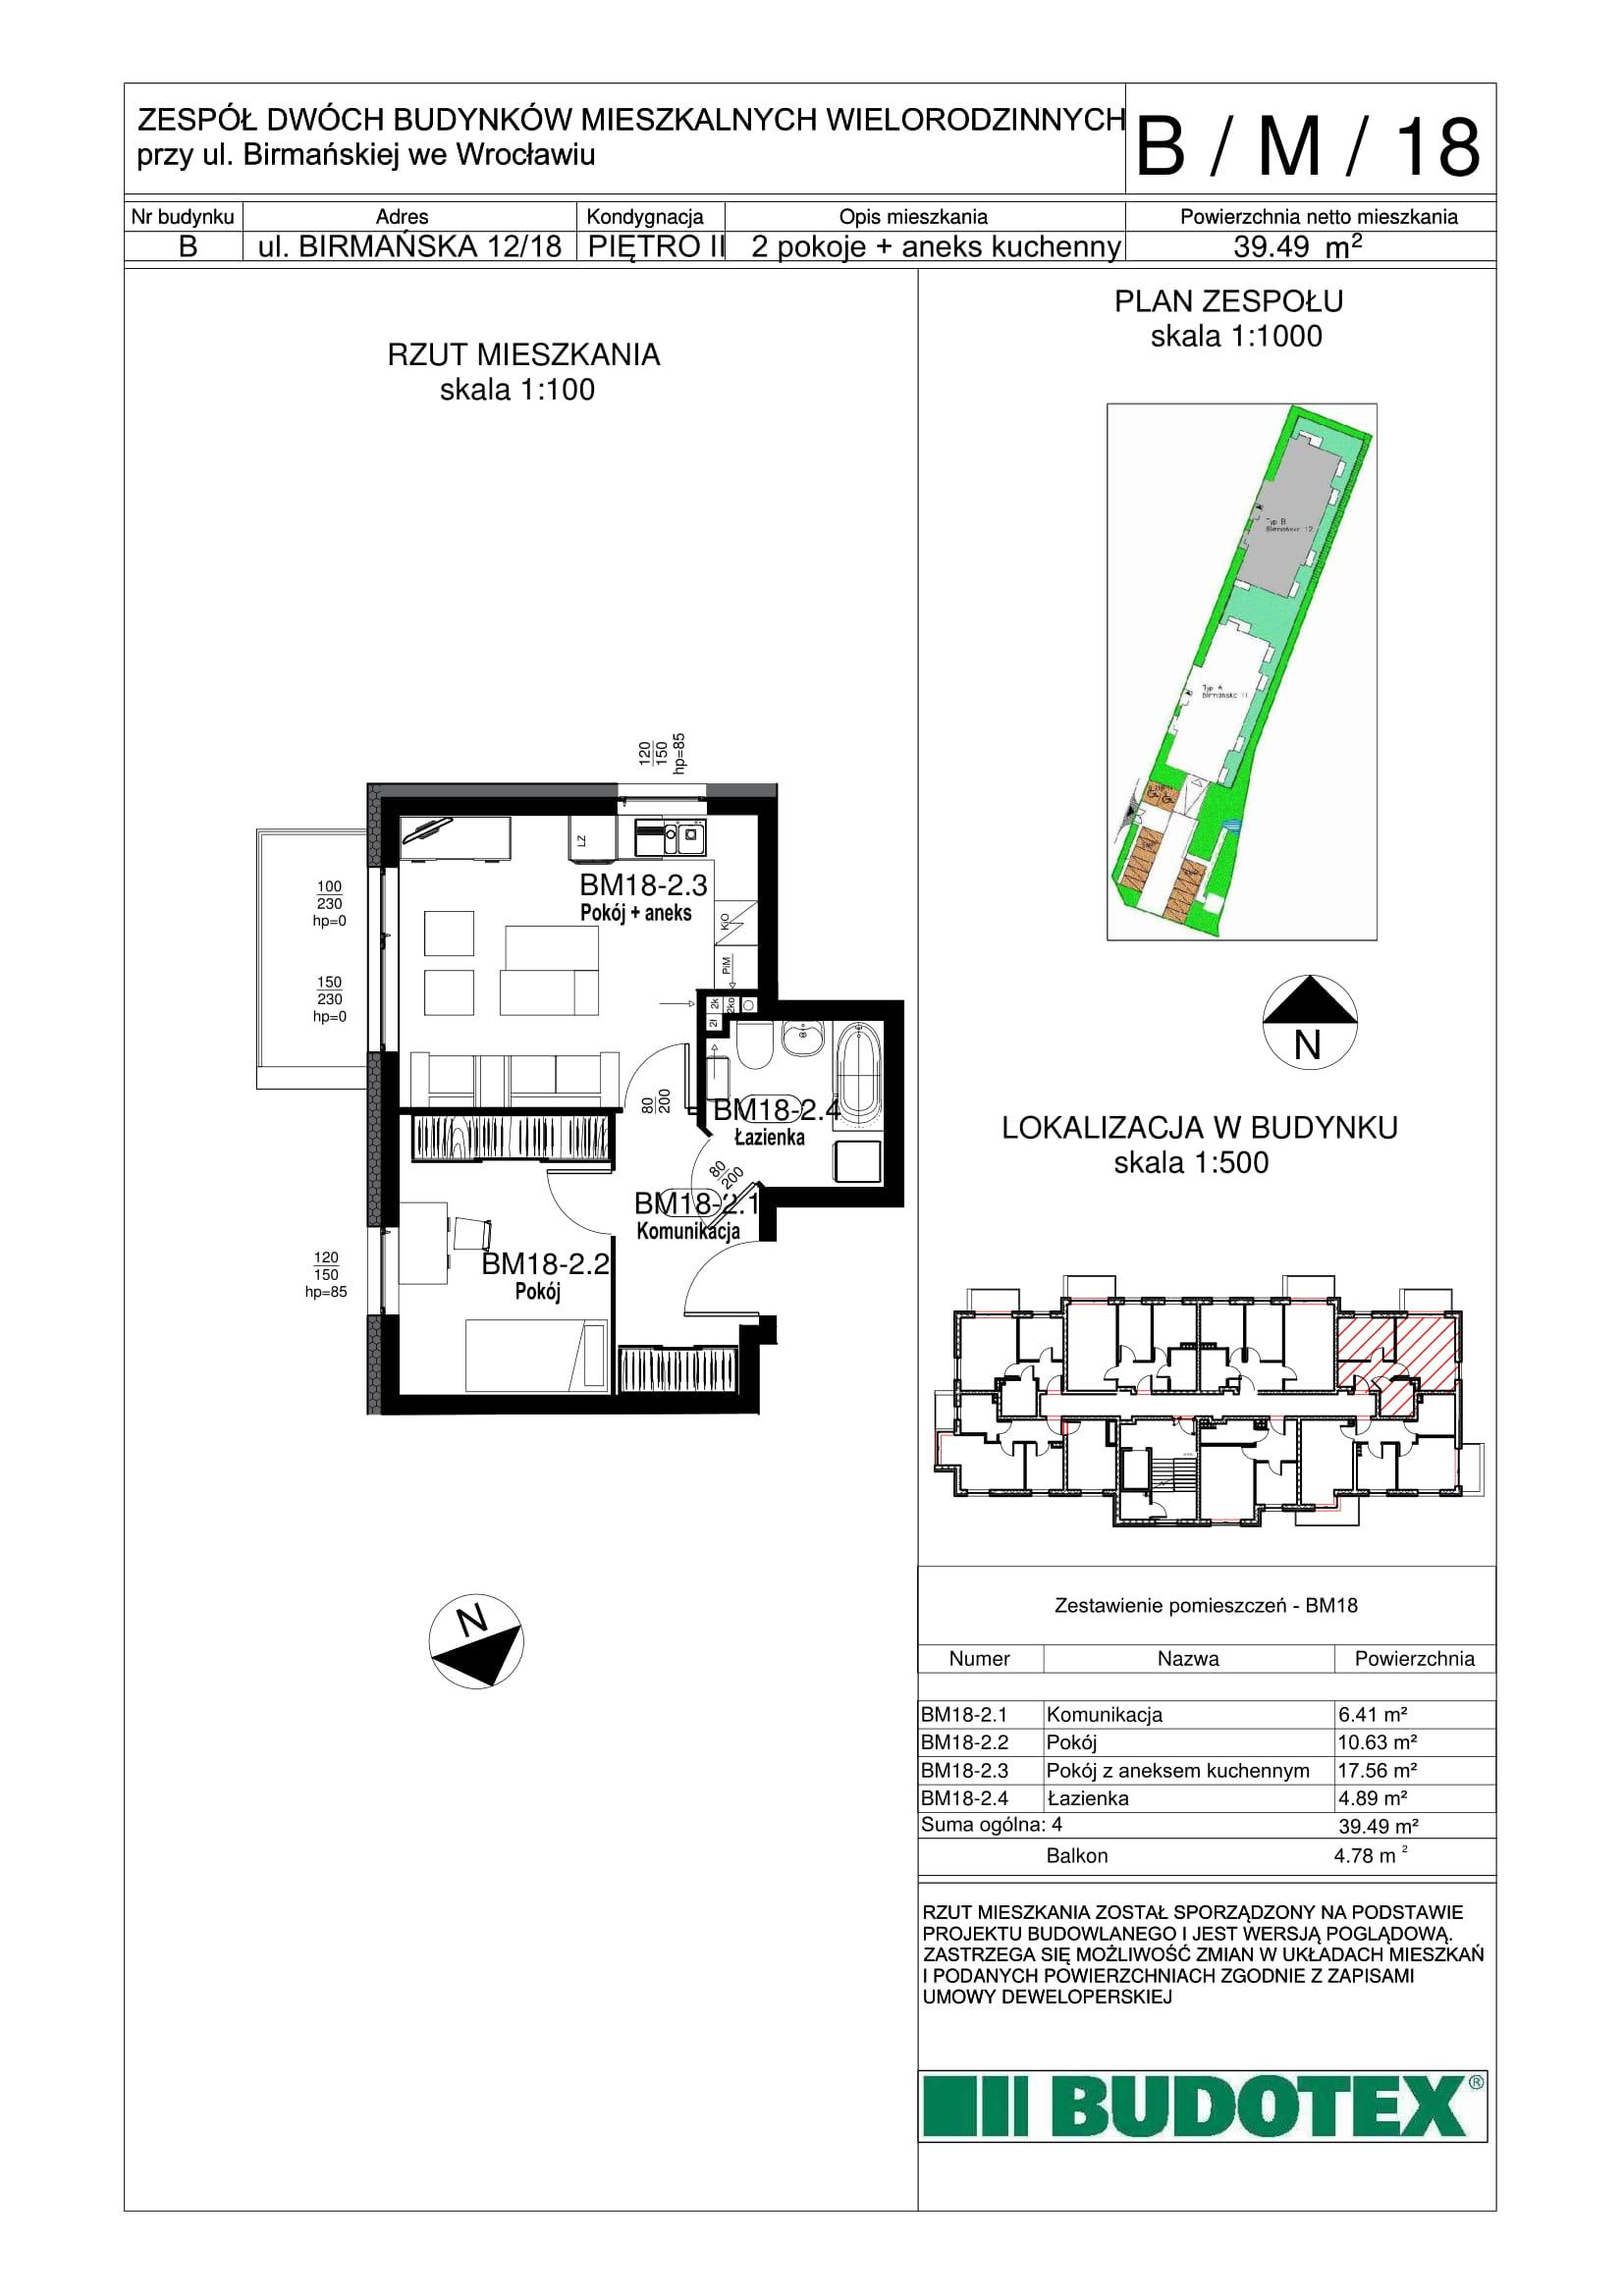 Mieszkanie nr B/M/18